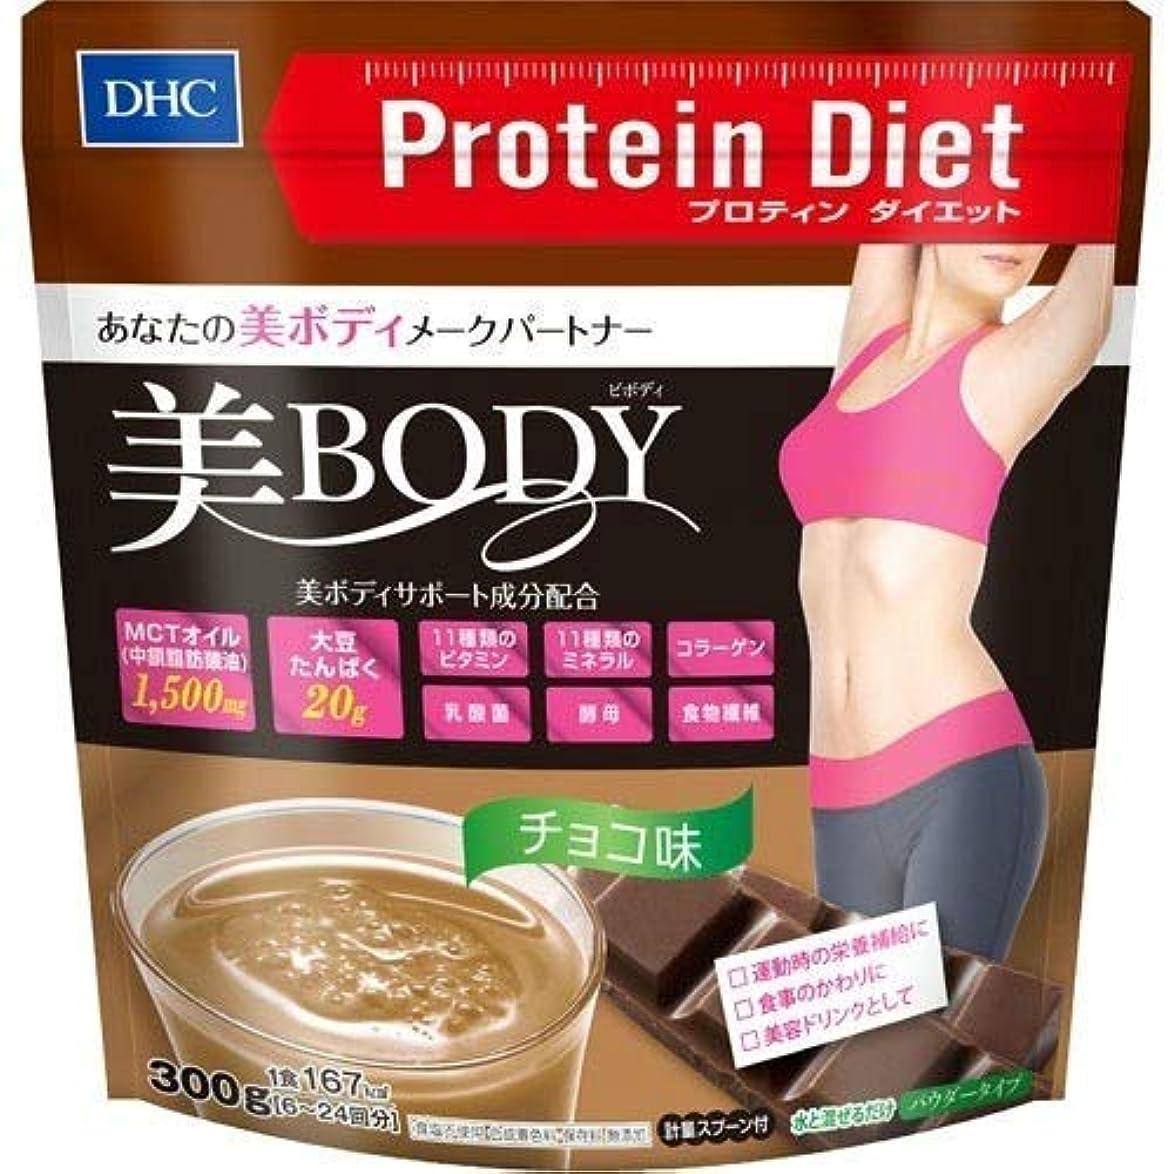 アスリート百正規化DHC プロテインダイエット 美Body チョコ味 300g×2個